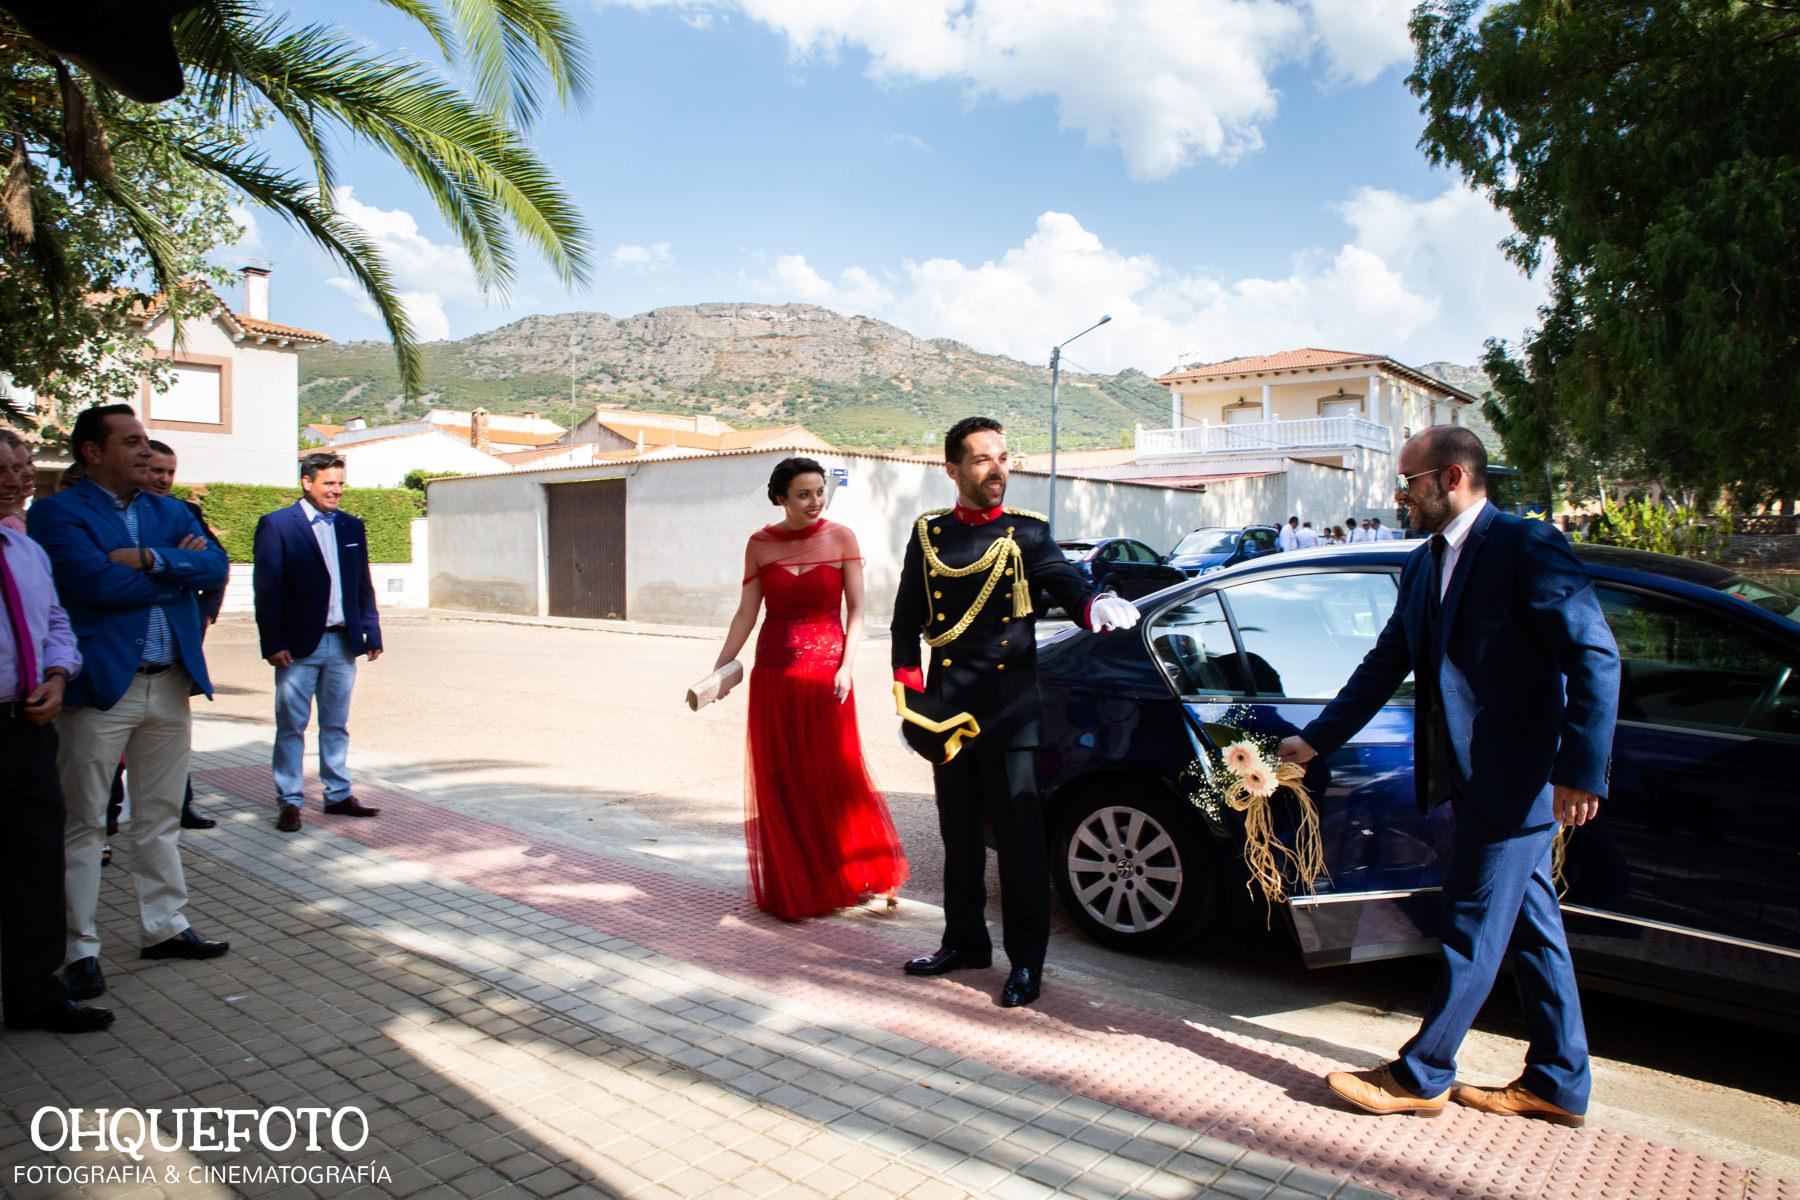 boda en la peraleda boda en cabeza del buey boda en capilla reportaje de bodas en almaden video de bodas en cordoba443 - Jose y Gema - Boda en Zarza Capilla y la Finca La Peraleda (Chillón)